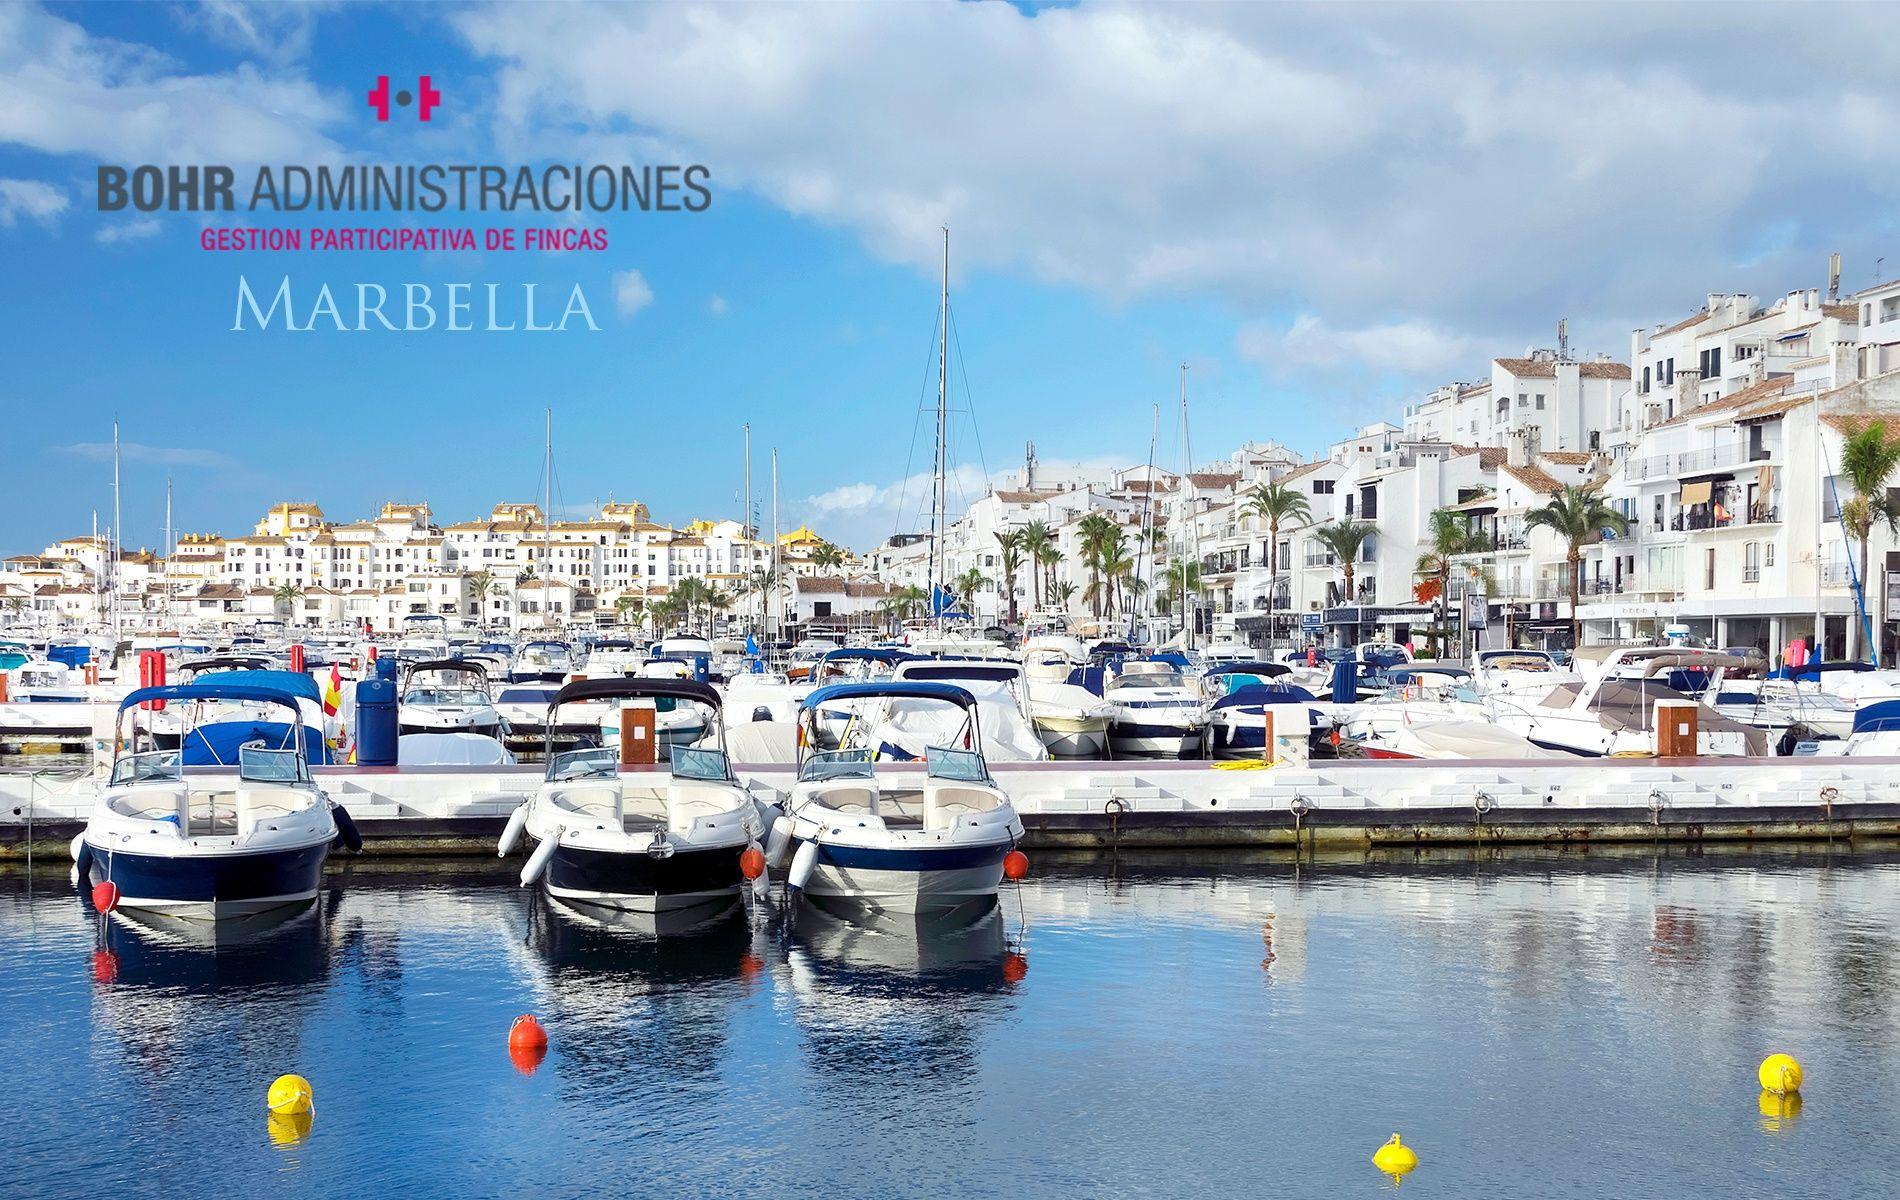 Bohr Administraciones encara 2021 con buenas expectativas con respecto al mercado inmobiliario en Marbella